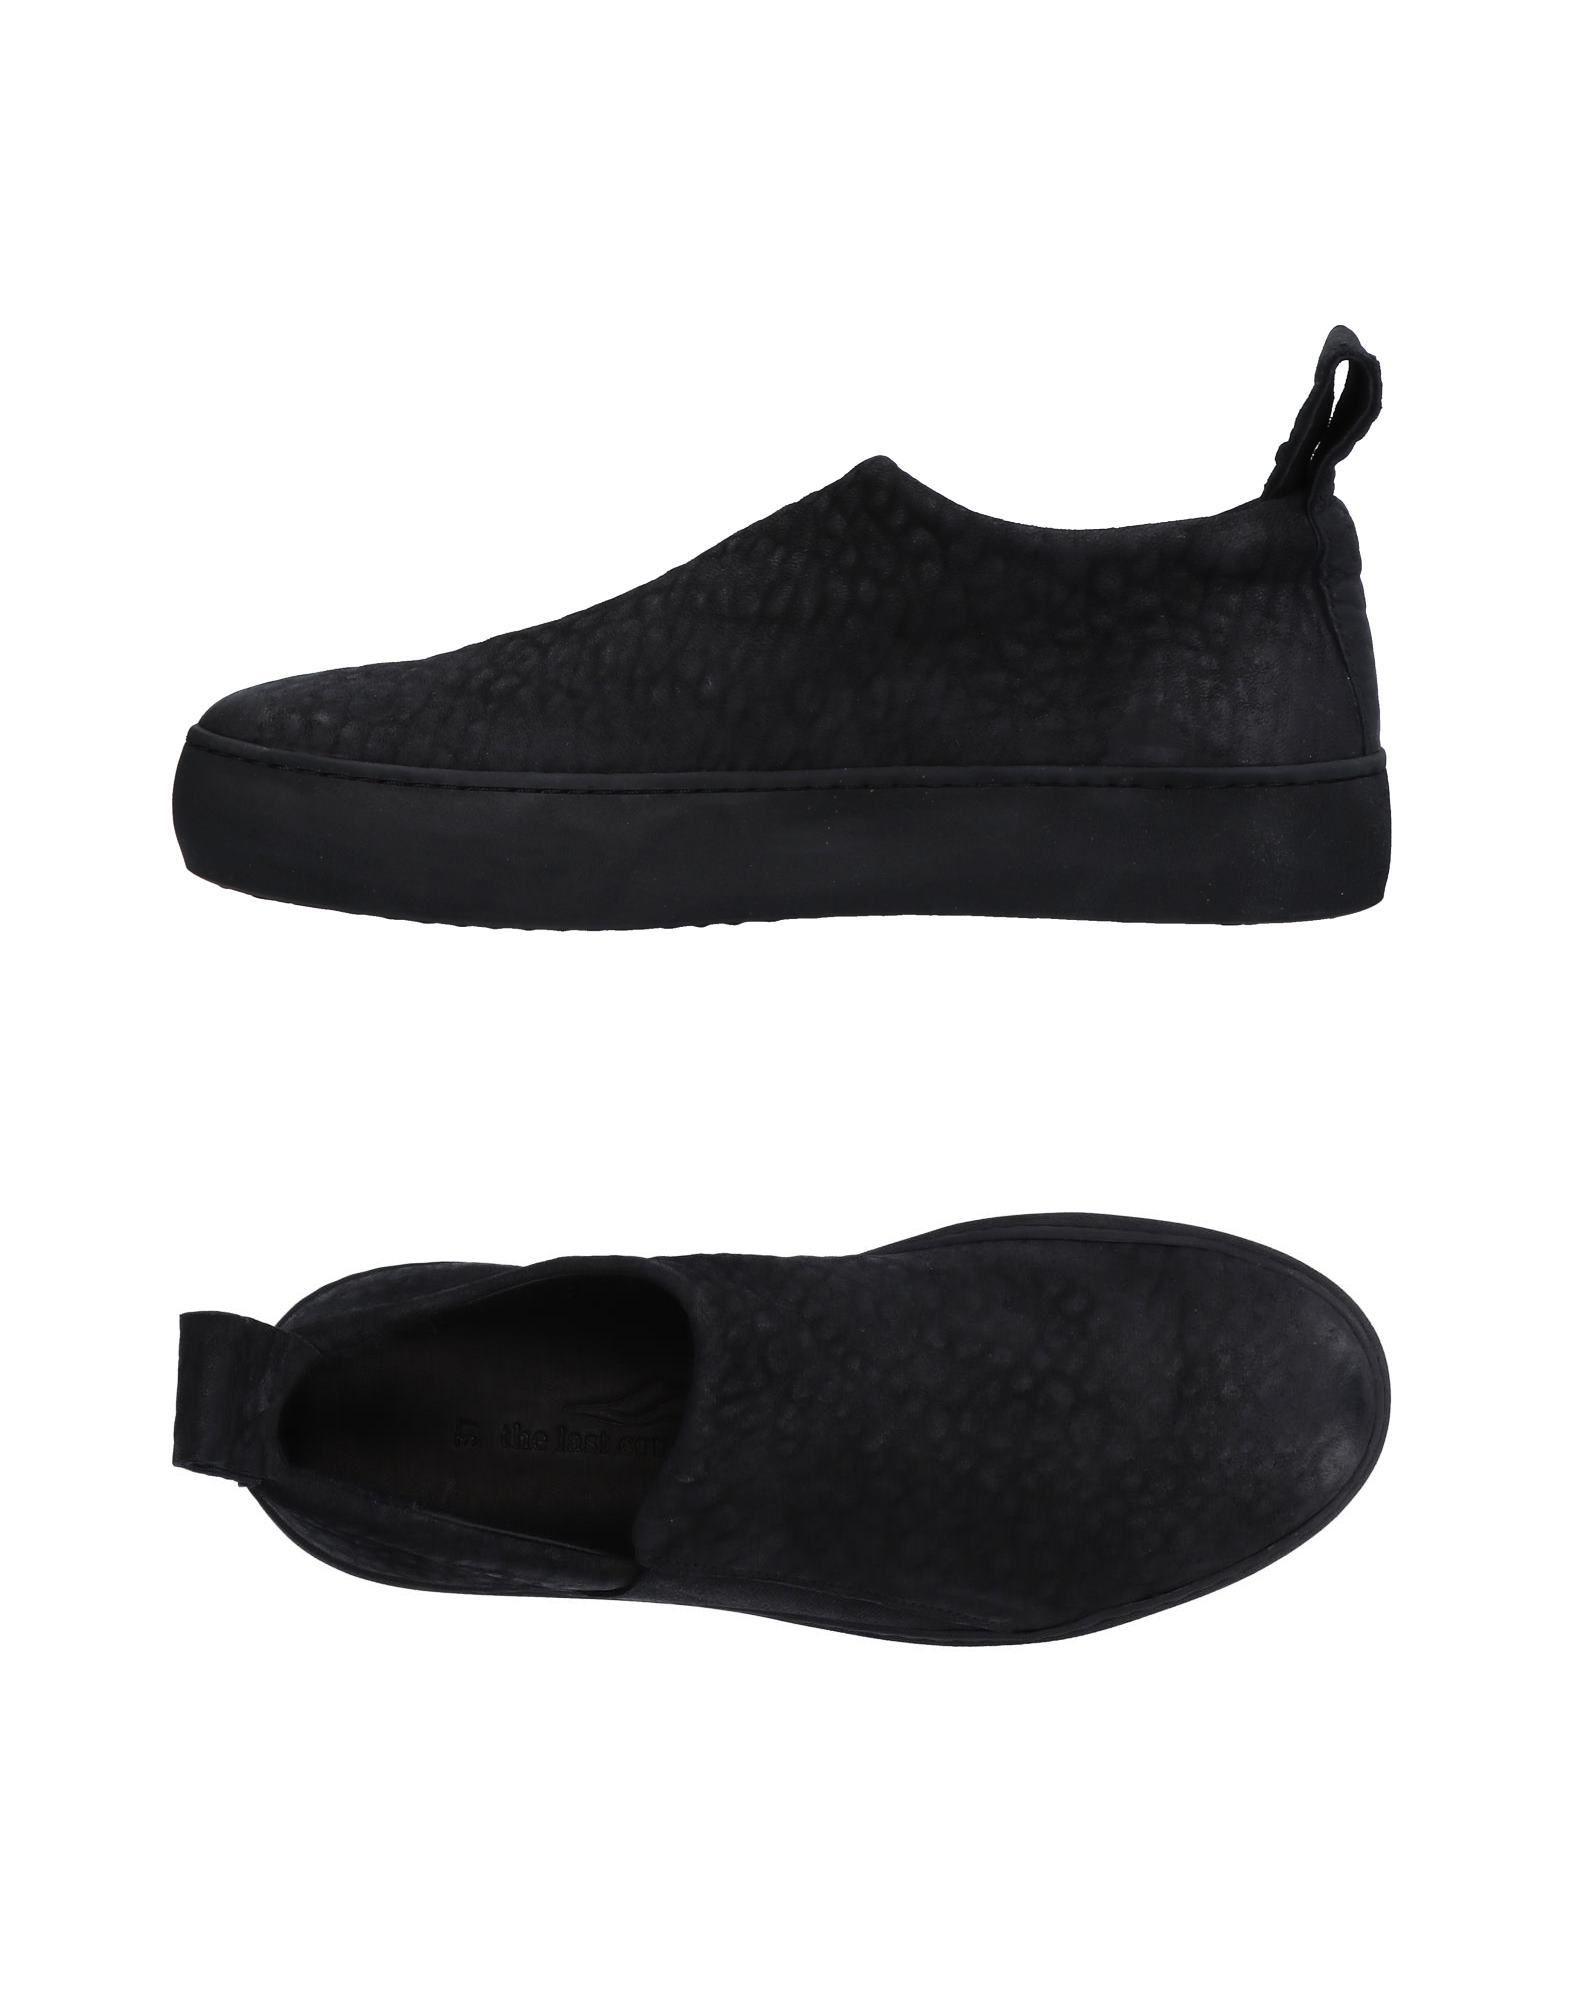 Stilvolle billige Sneakers Schuhe The Last Conspiracy Sneakers billige Damen  11517270GB e29d11